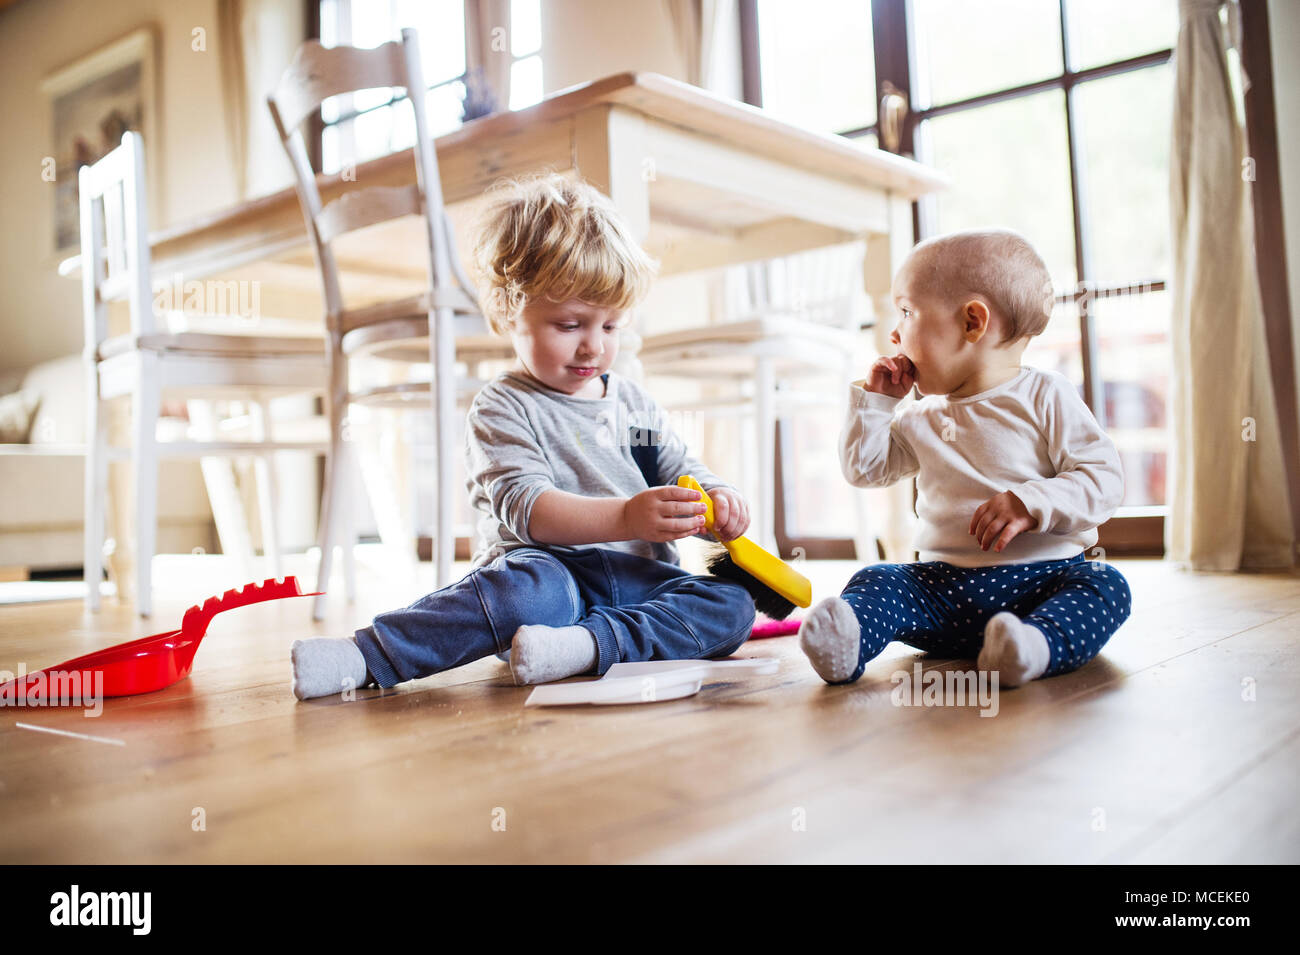 Due bambini con spazzola e paletta a casa. Immagini Stock